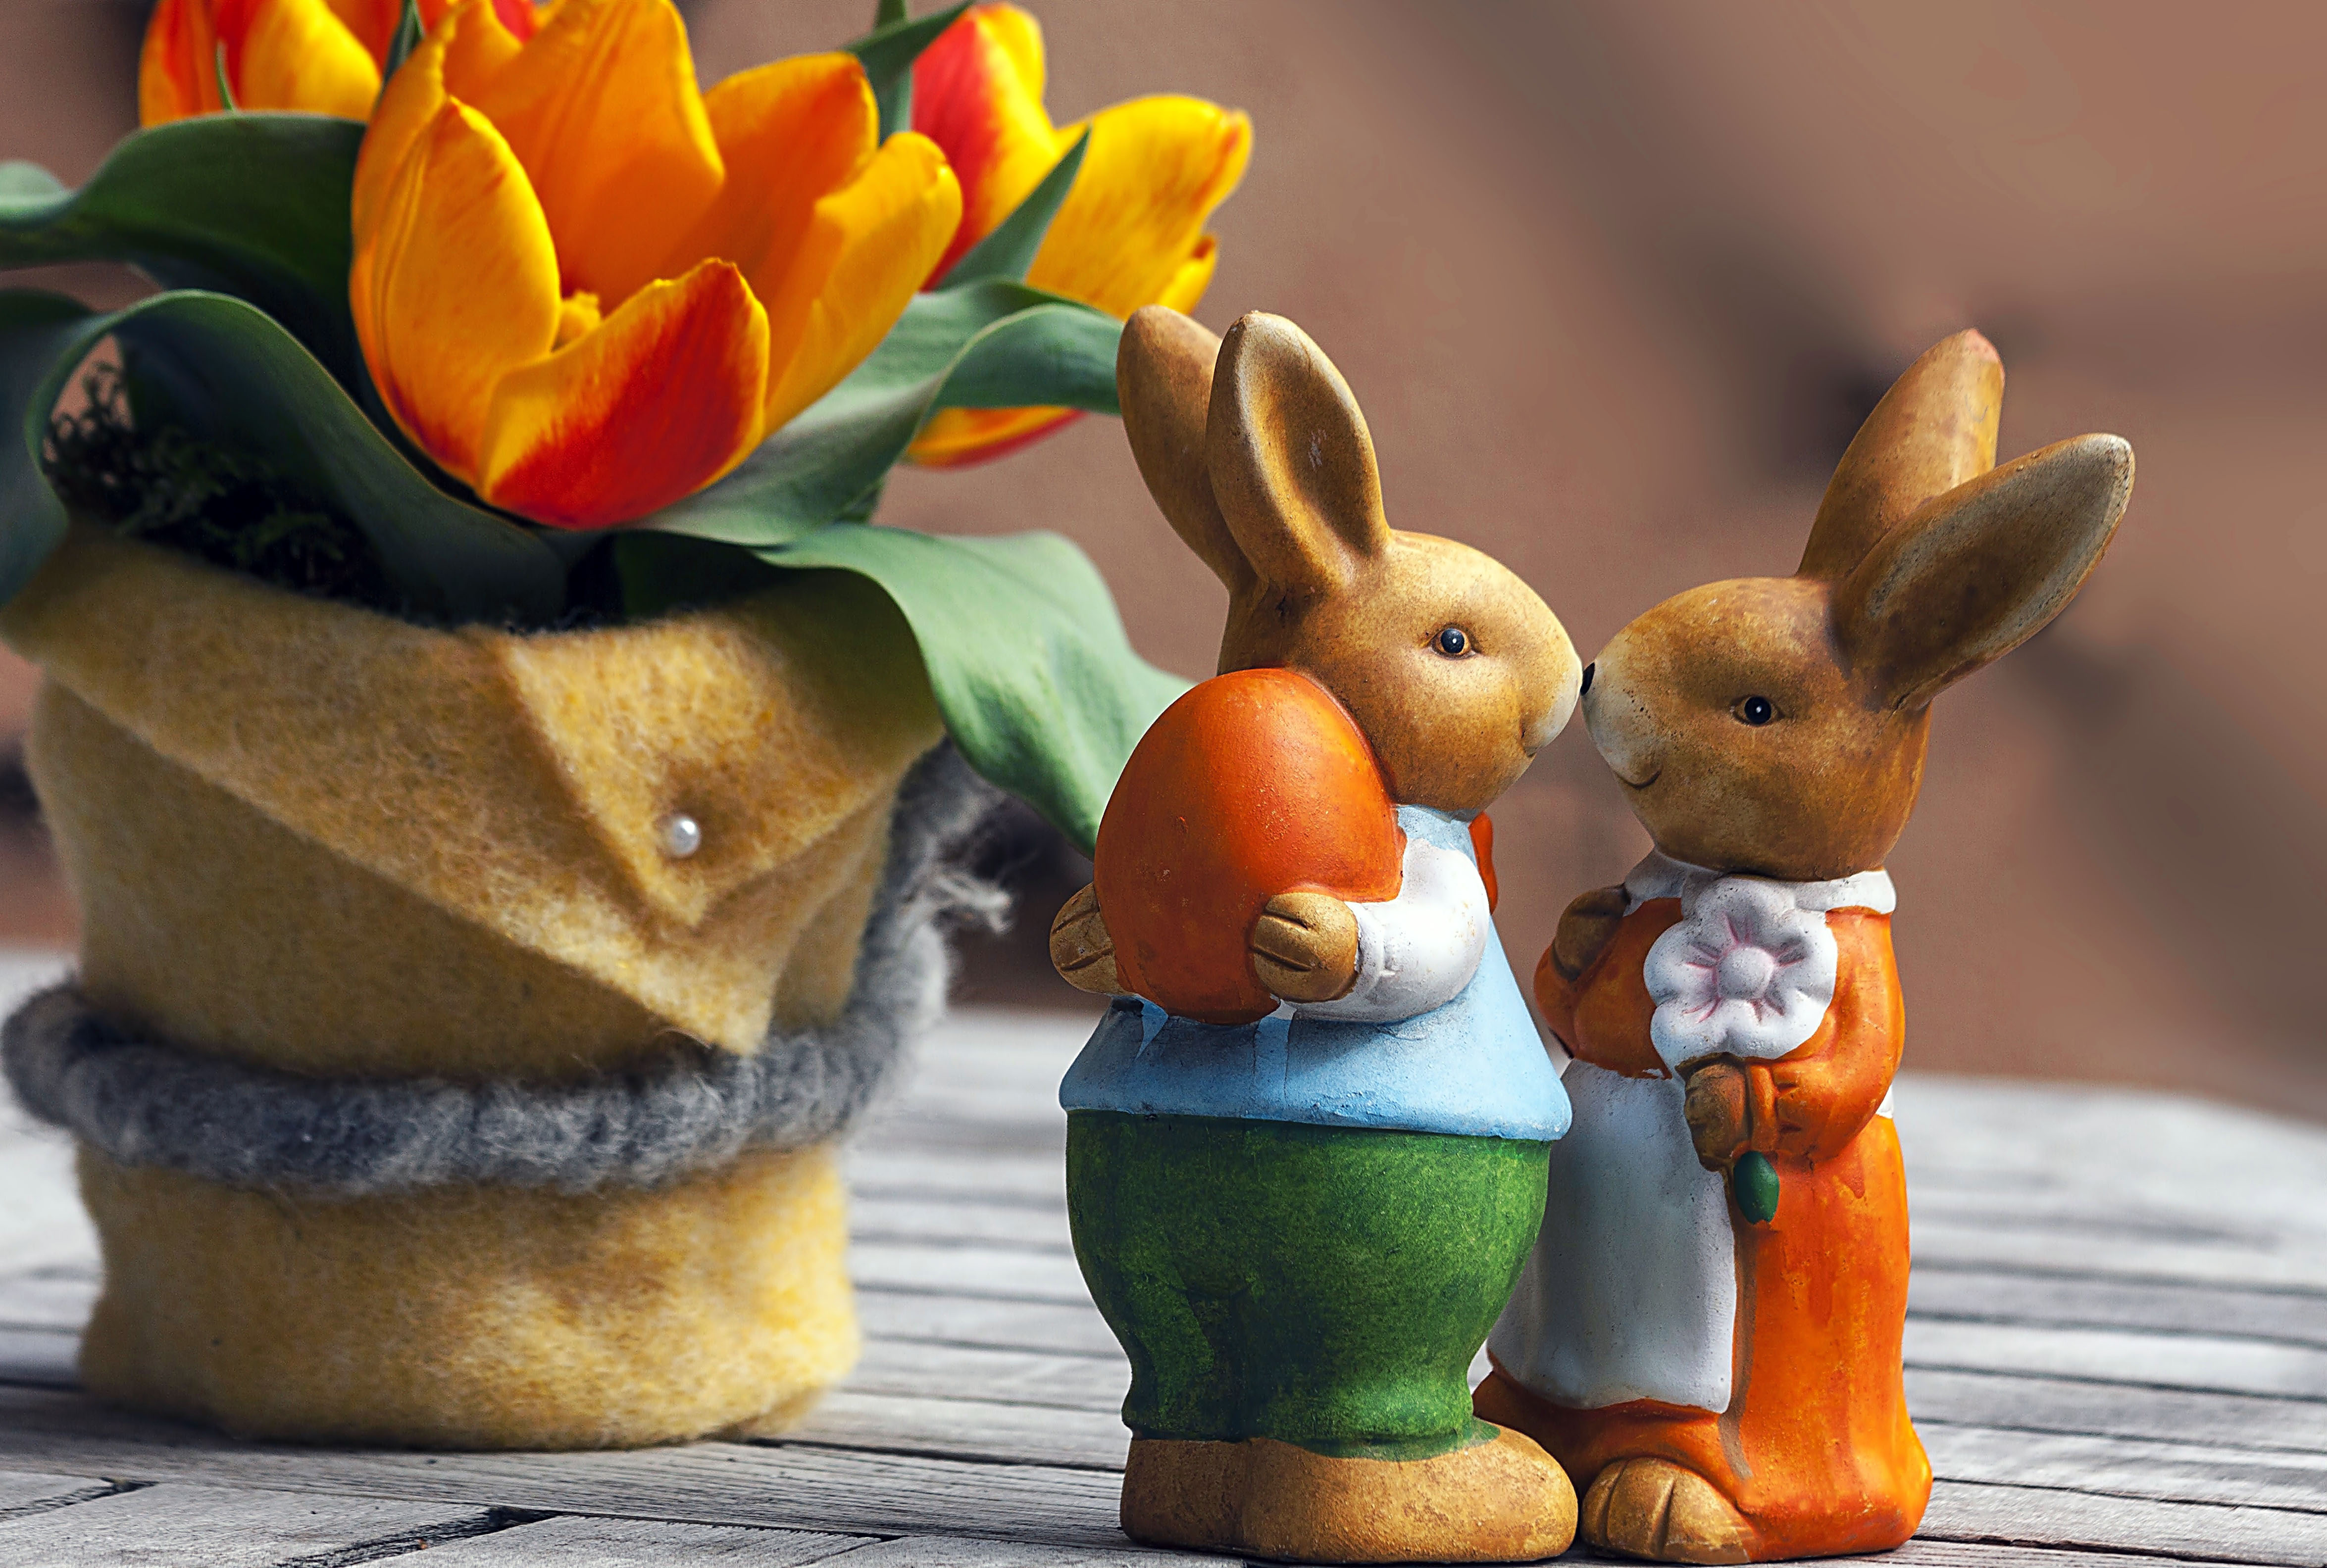 Фигурки пасхальных кроликов, 4700 на 3168 пикселей